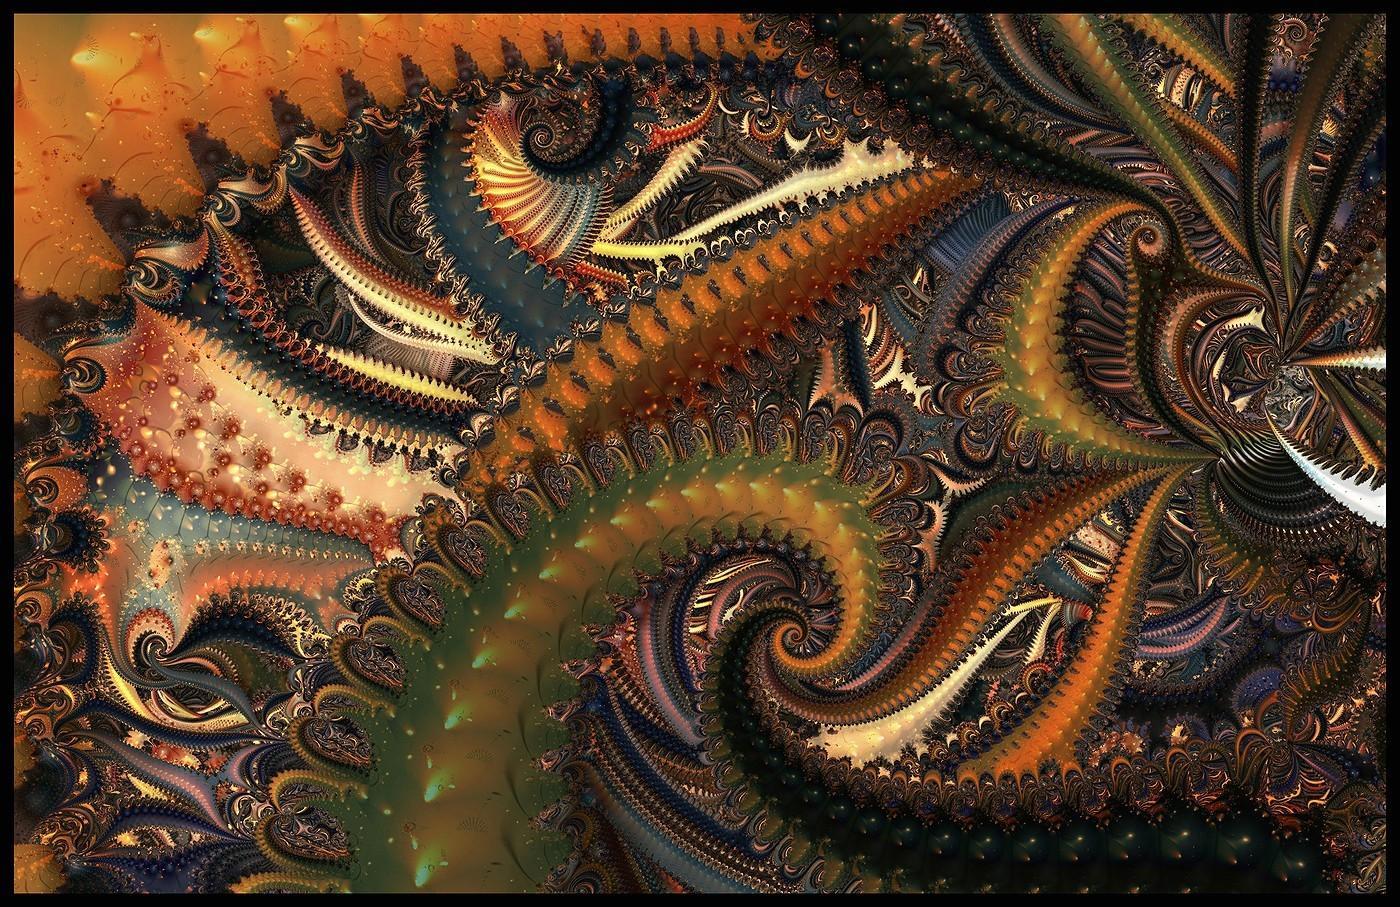 Fractal Image 1009111